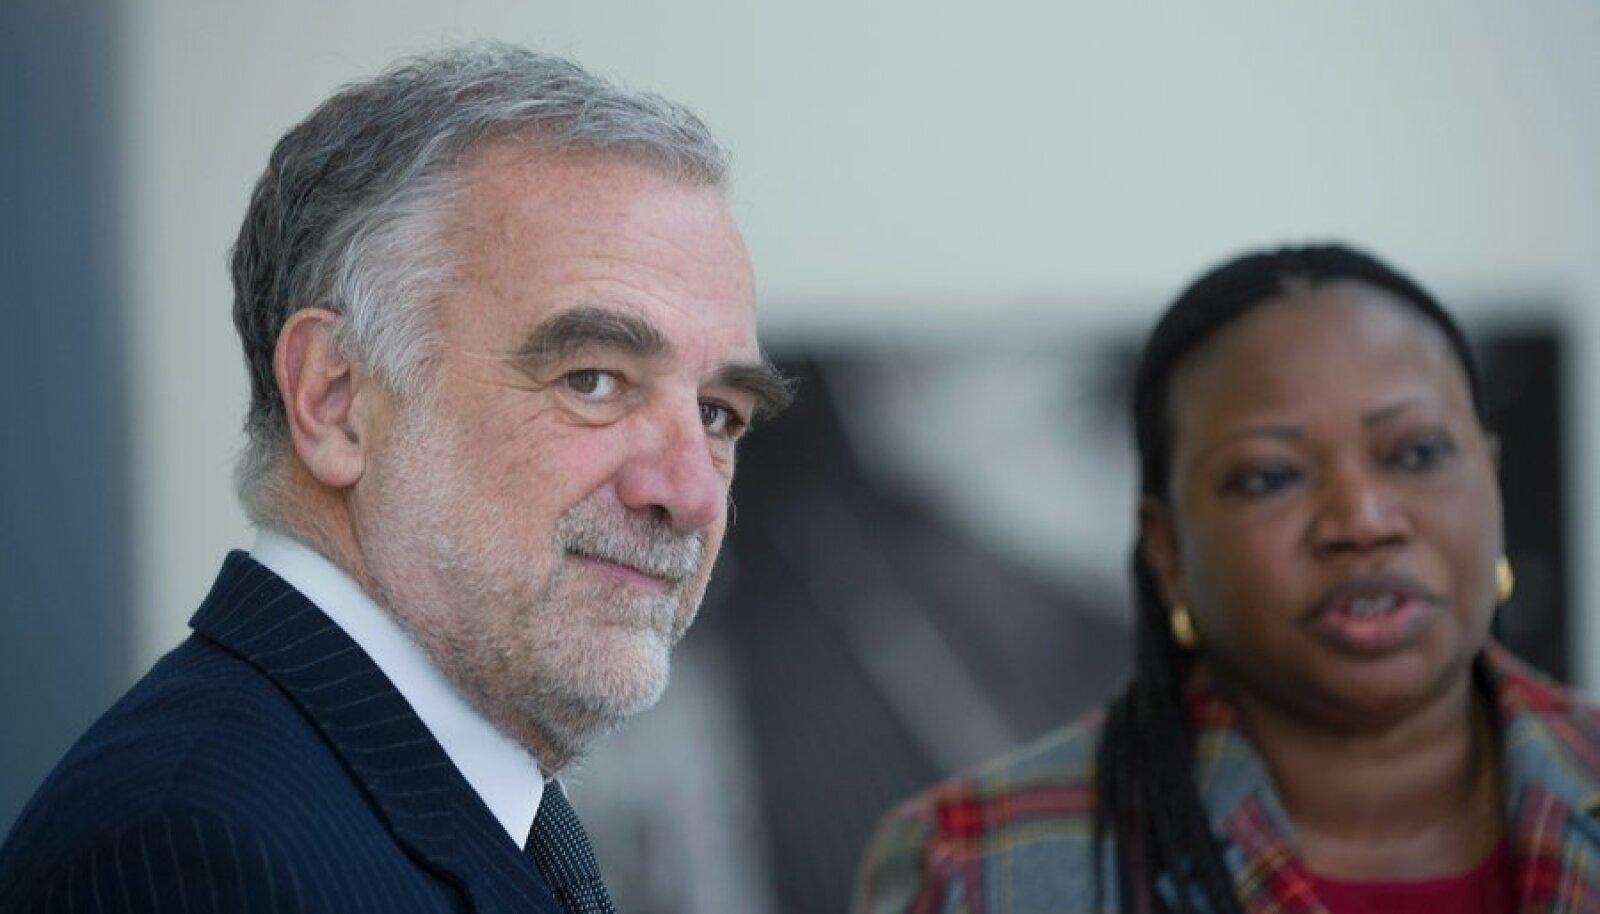 Rahvusvahelise Kriminaalkohtu peaprokurör Luis Moreno-Ocampo  ja aseprokurör Fatou Bensouda